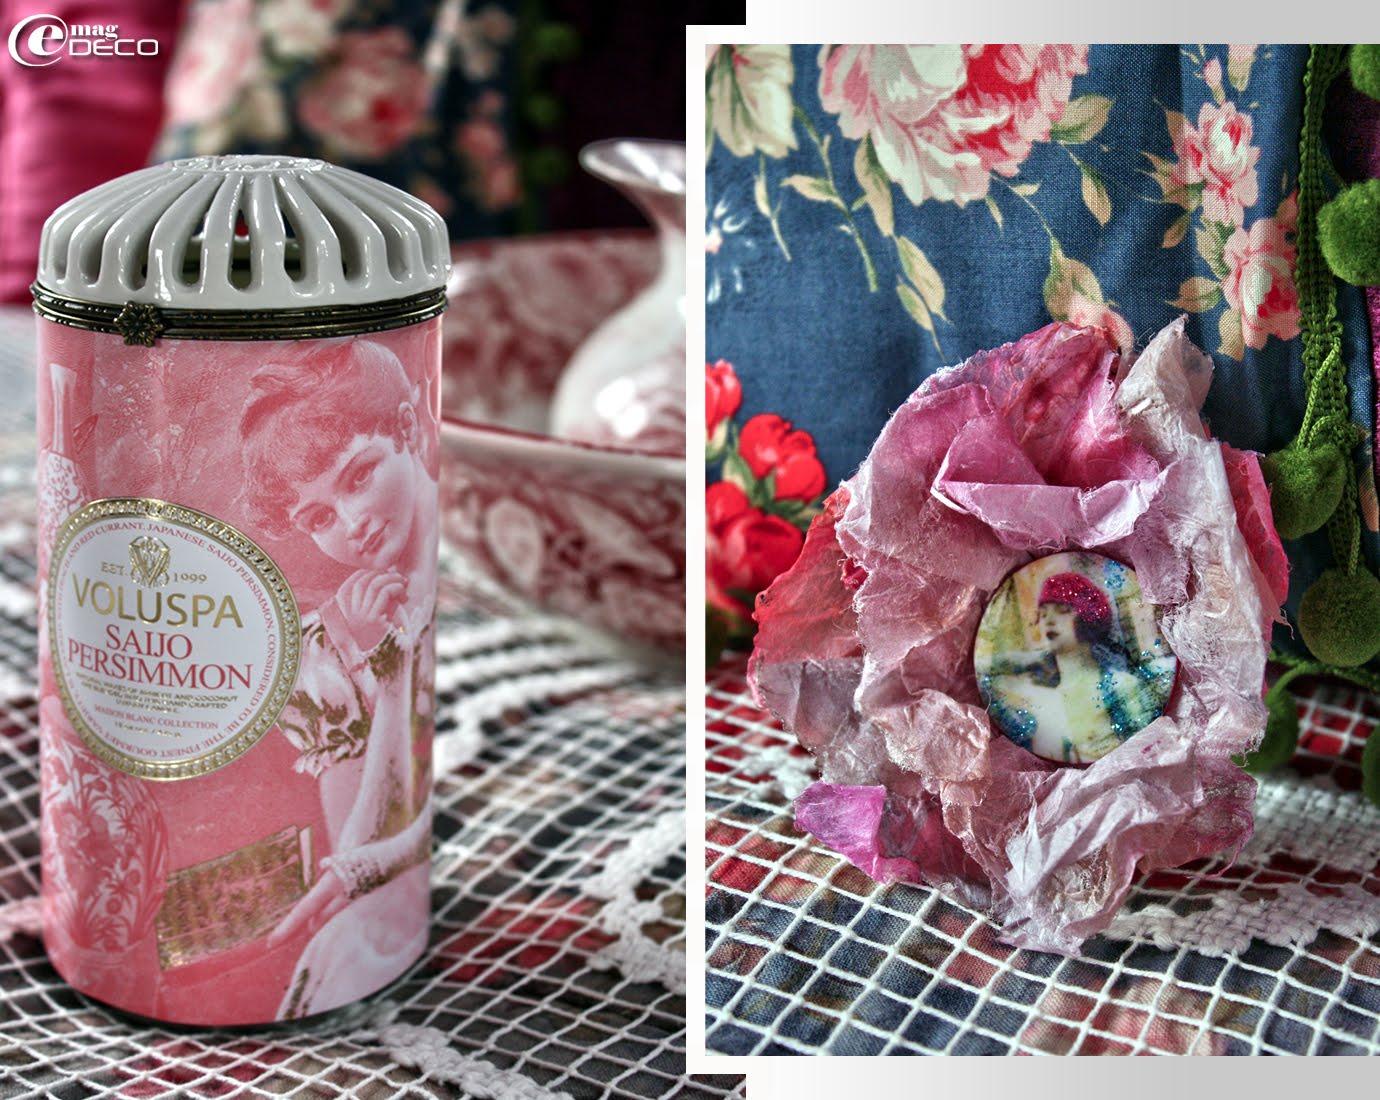 Bougie parfumée Voluspa en céramique et broche-bijou de cheveux de la collection Couleur Bohème, création Fibuline au pays des Lunes...